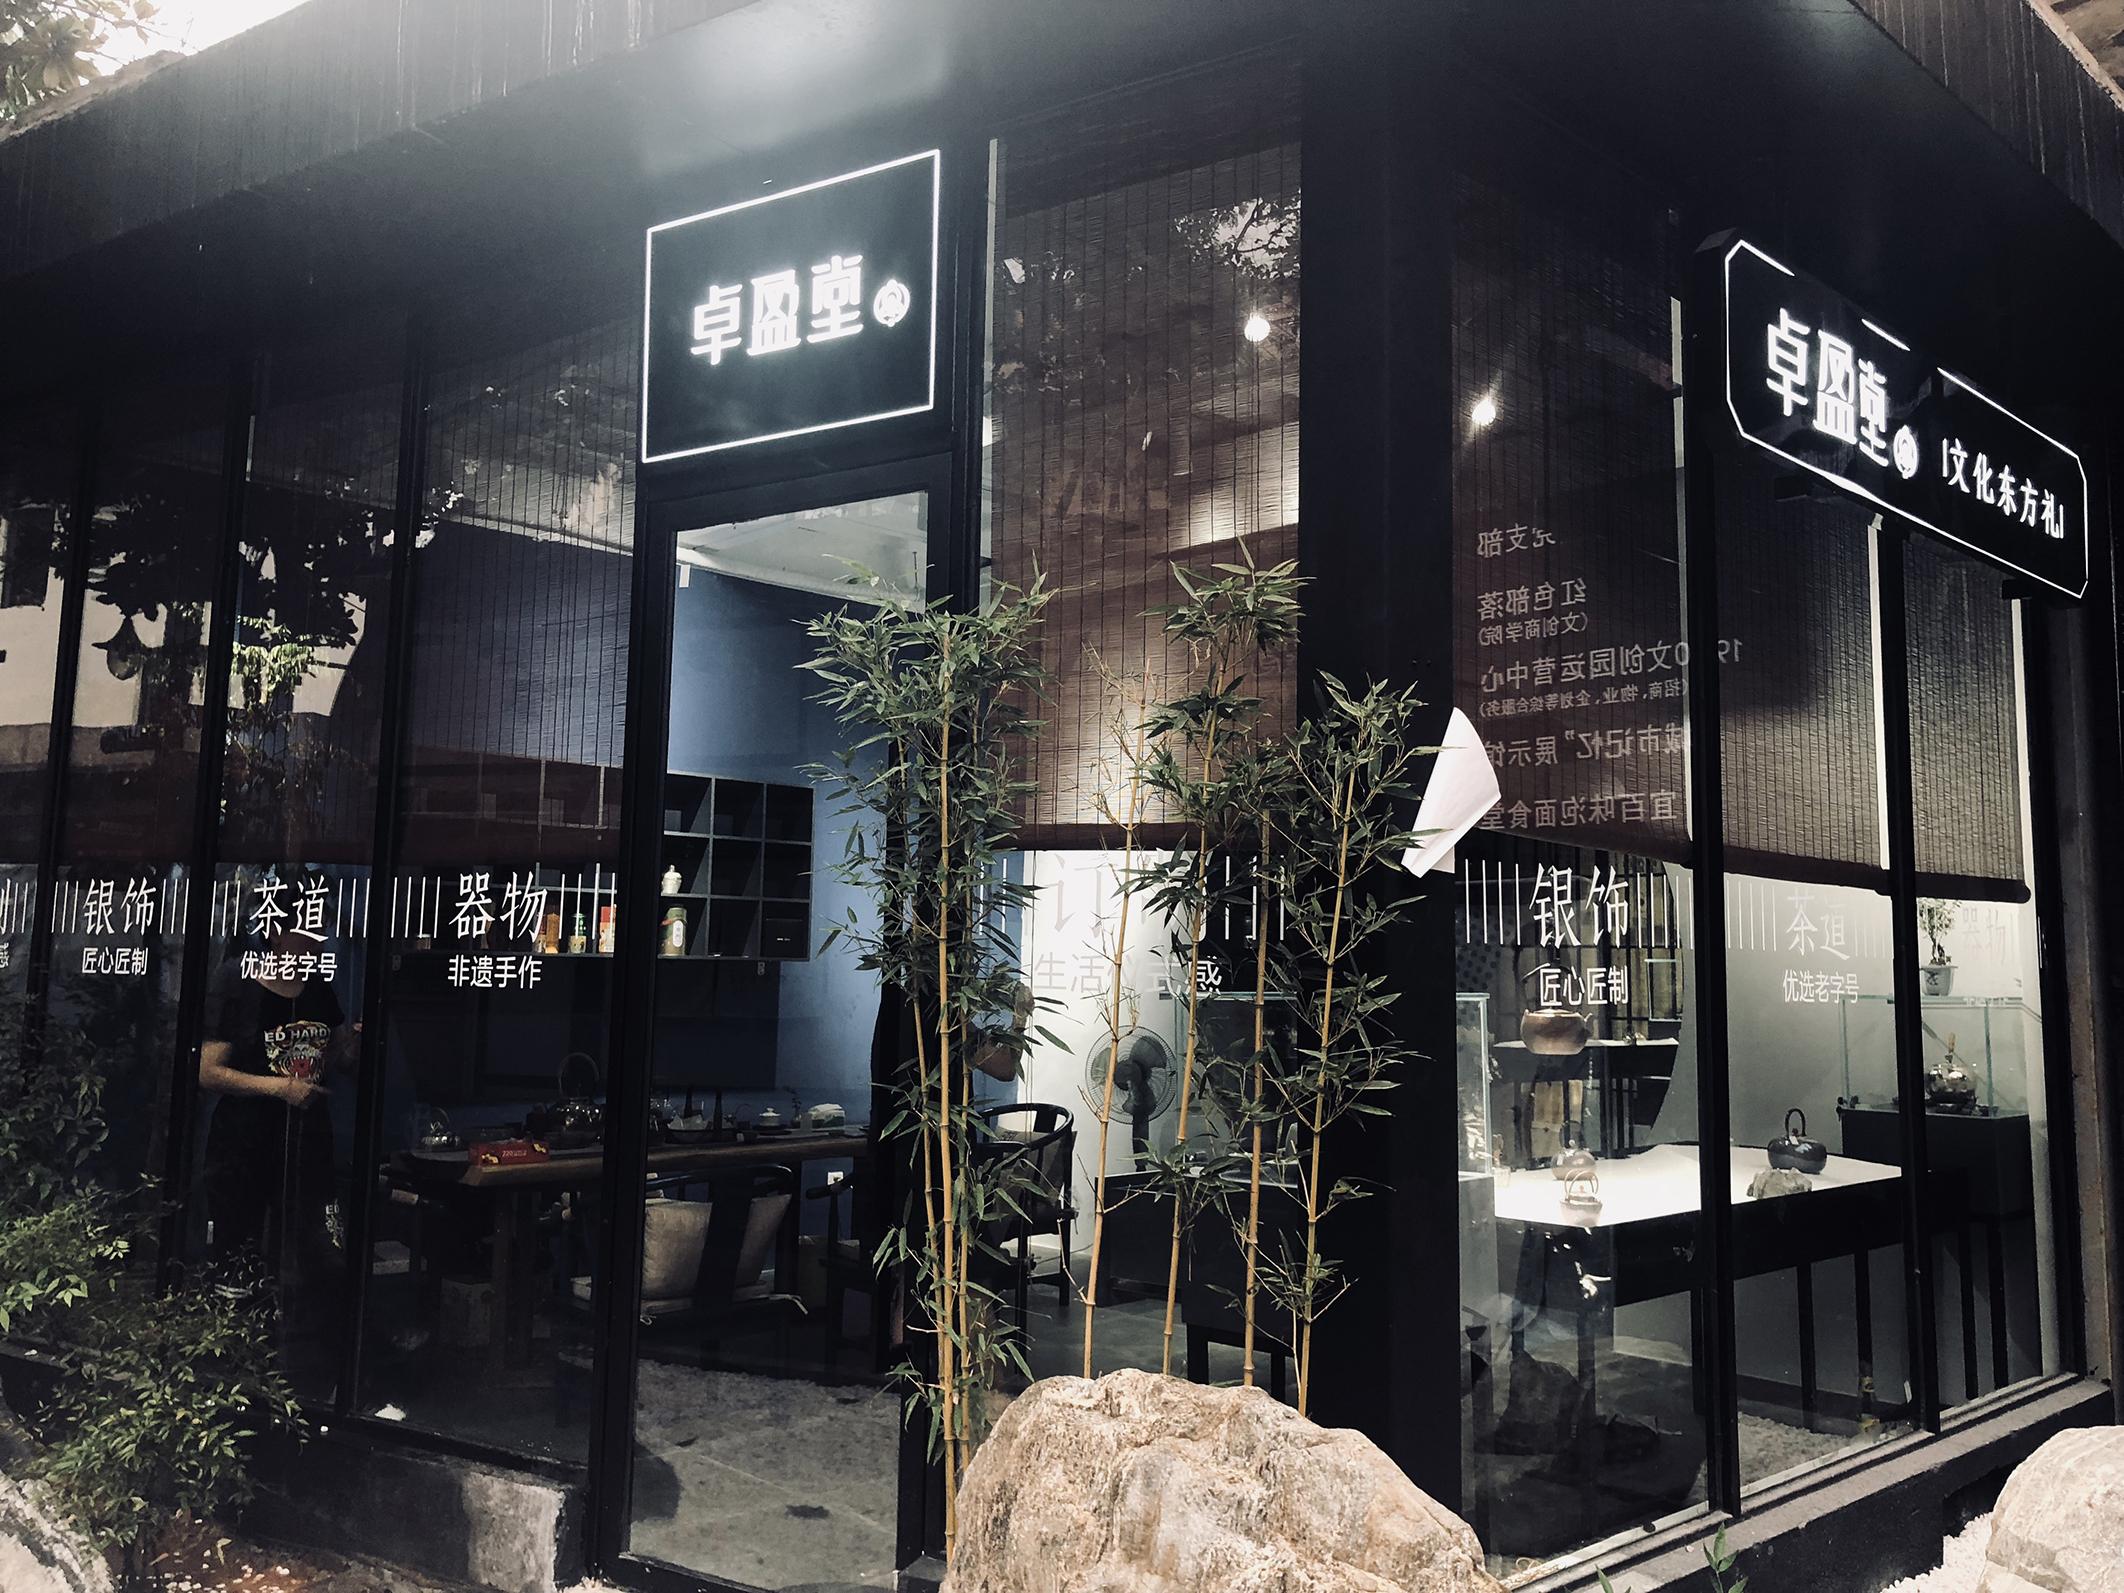 寻找韩国好玩的厨房--老地方1970文创园义乌车站v厨房图片